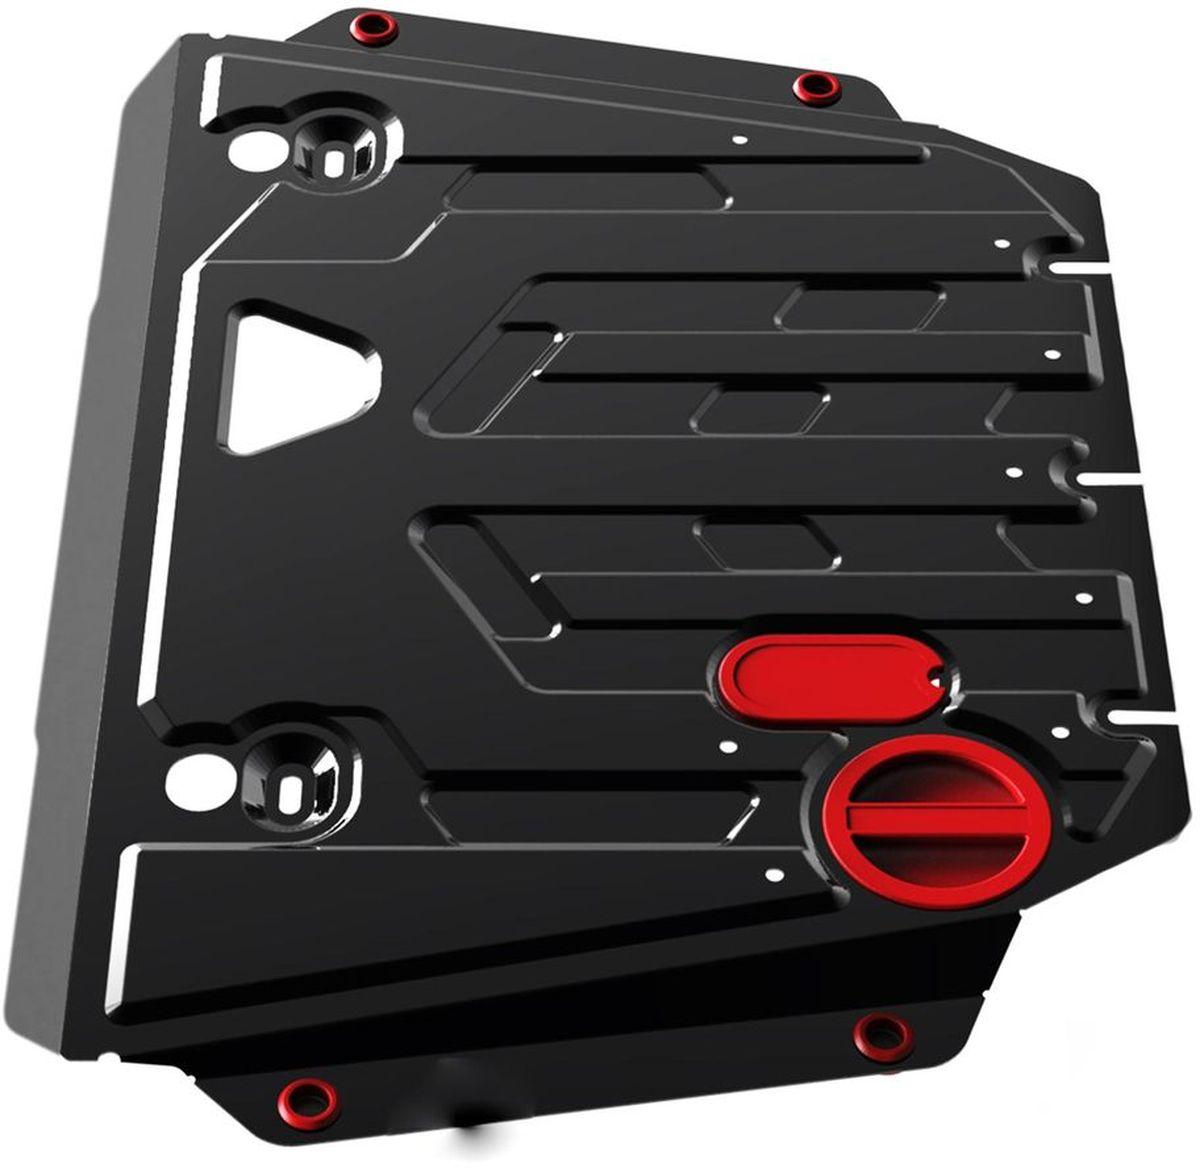 Защита картера и КПП Автоброня, для Chevrolet Epica V - 2,0; 2,5 (2006-)111.01003.1Технологически совершенный продукт за невысокую стоимость. Защита разработана с учетом особенностей днища автомобиля, что позволяет сохранить дорожный просвет с минимальным изменением. Защита устанавливается в штатные места кузова автомобиля. Глубокий штамп обеспечивает до двух раз больше жесткости в сравнении с обычной защитой той же толщины. Проштампованные ребра жесткости препятствуют деформации защиты при ударах. Тепловой зазор и вентиляционные отверстия обеспечивают сохранение температурного режима двигателя в норме. Скрытый крепеж предотвращает срыв крепежных элементов при наезде на препятствие. Шумопоглощающие резиновые элементы обеспечивают комфортную езду без вибраций и скрежета металла, а съемные лючки для слива масла и замены фильтра - экономию средств и время. Конструкция изделия не влияет на пассивную безопасность автомобиля (при ударе защита не воздействует на деформационные зоны кузова). Со штатным крепежом. В комплекте инструкция по установке....